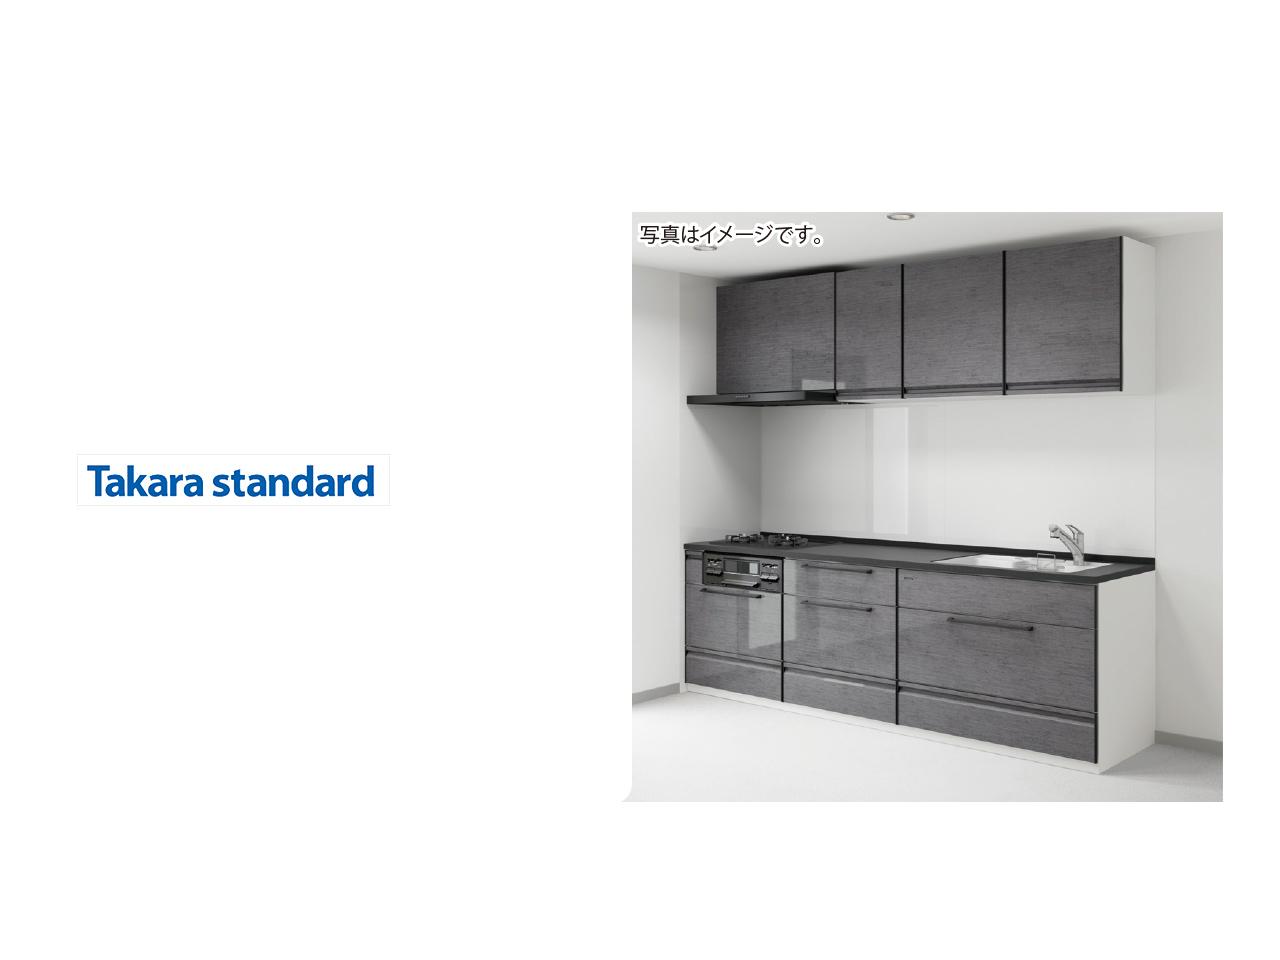 画像:Takara standard システムキッチン トレーシア